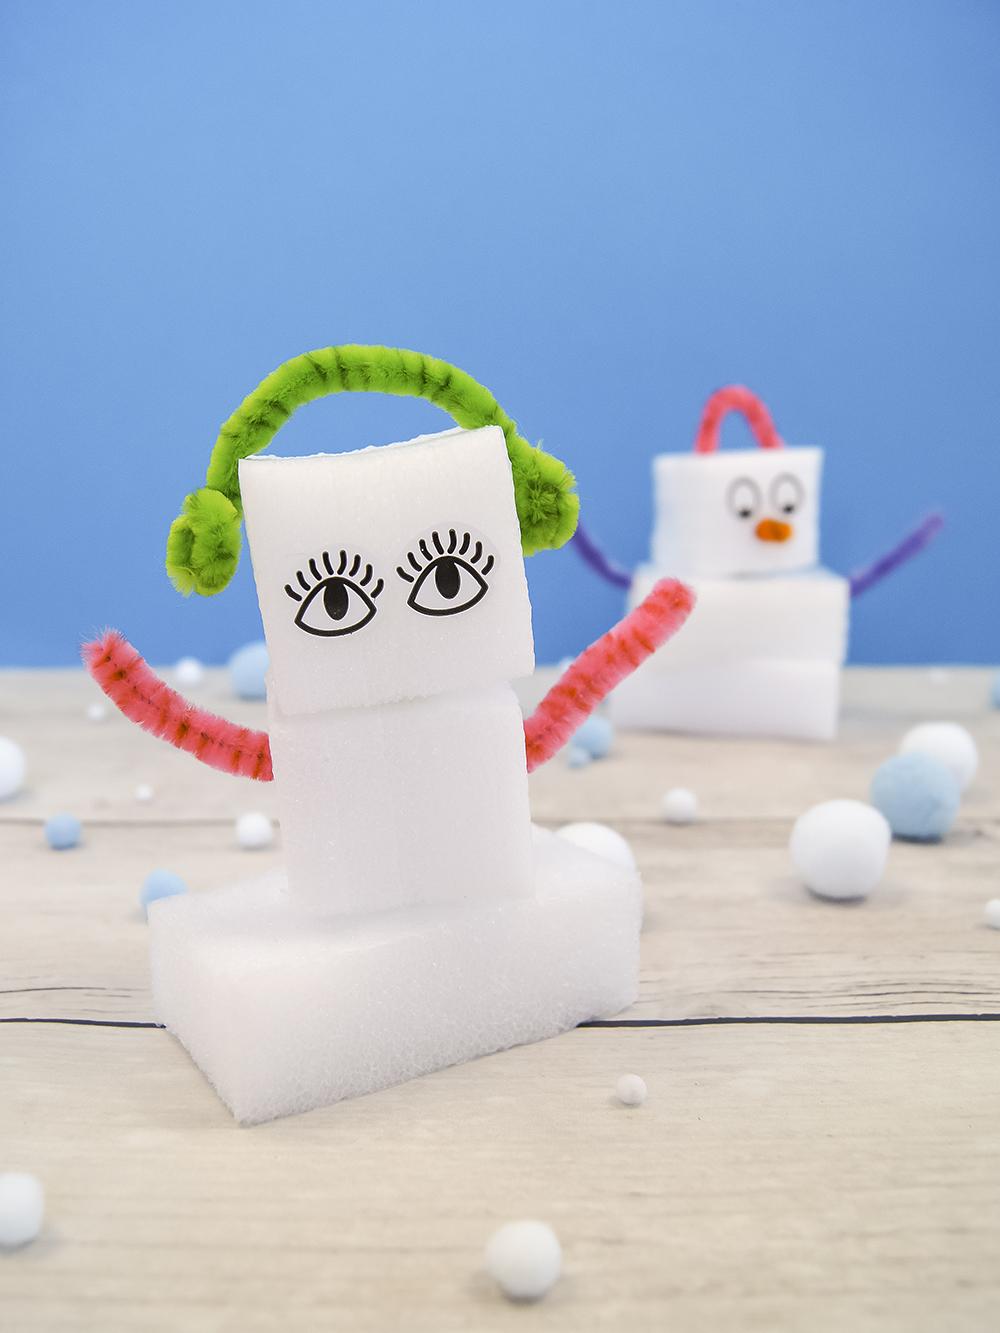 #upcycling mit Verpackungsabfall | Schneesterne, Schneemann und Iglu zum Basteln und Spielen mit Kindern | von Fantasiewer | #bastelnmitkindern